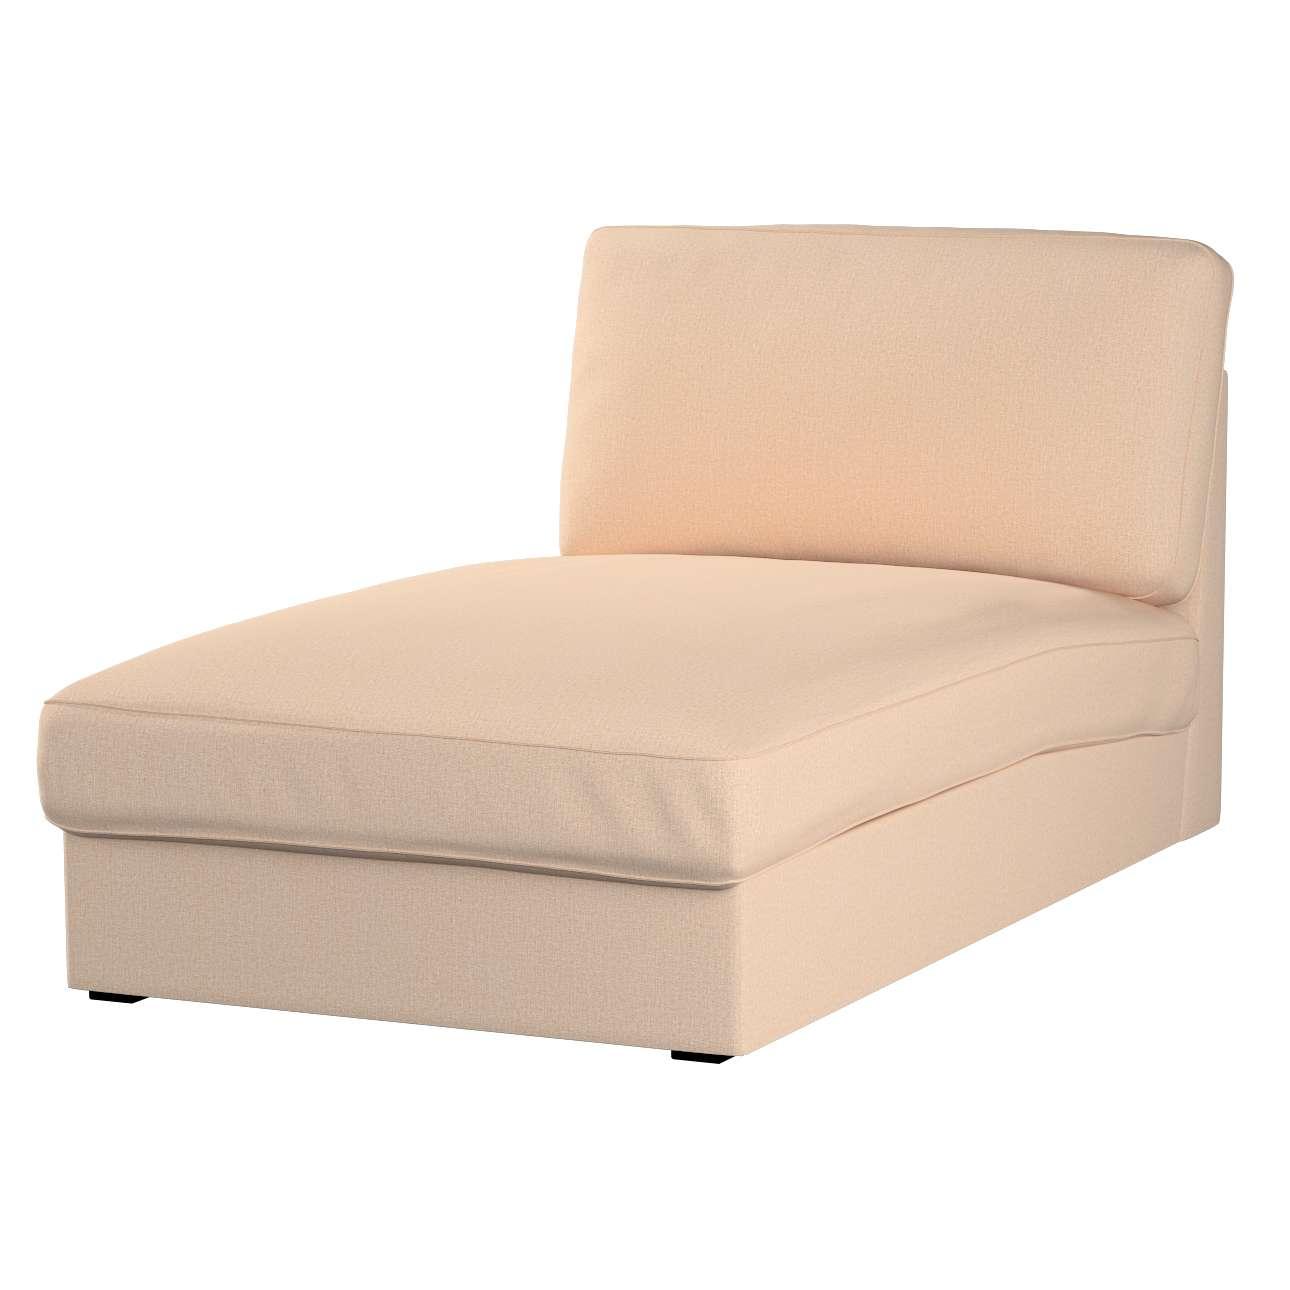 KIVIK gulimojo krėslo užvalkalas Kivik chaise longue kolekcijoje Edinburgh , audinys: 115-78